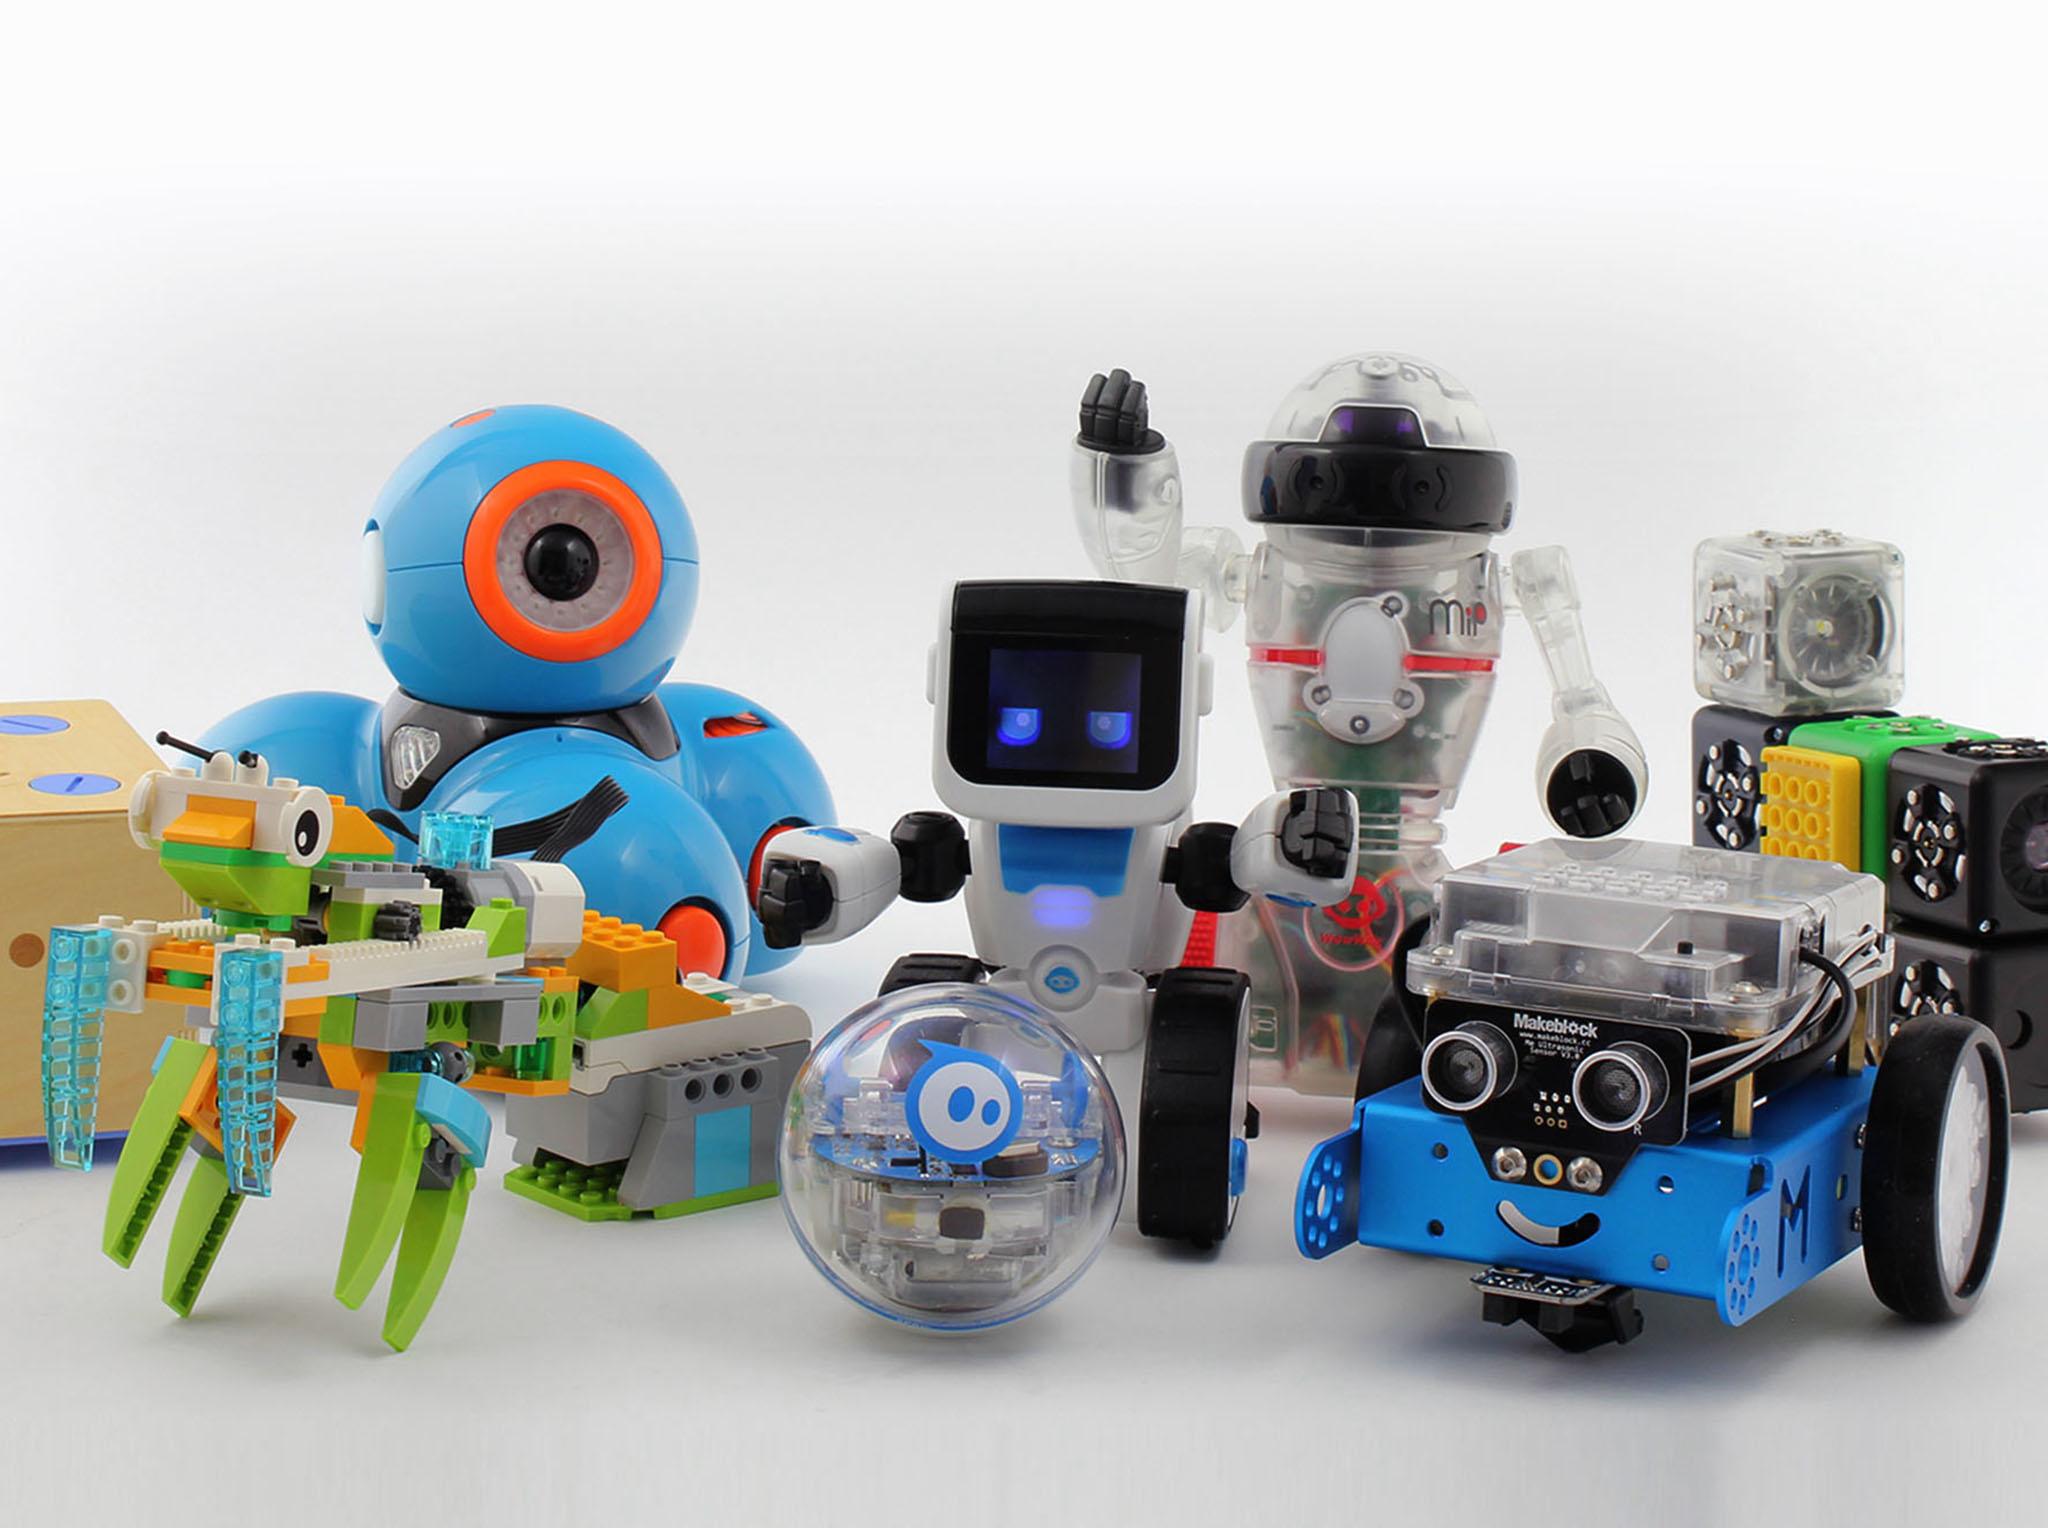 Test De 13 Robots-Jouets | Protégez-Vous.ca concernant Jeux En Ligne Fille 6 Ans